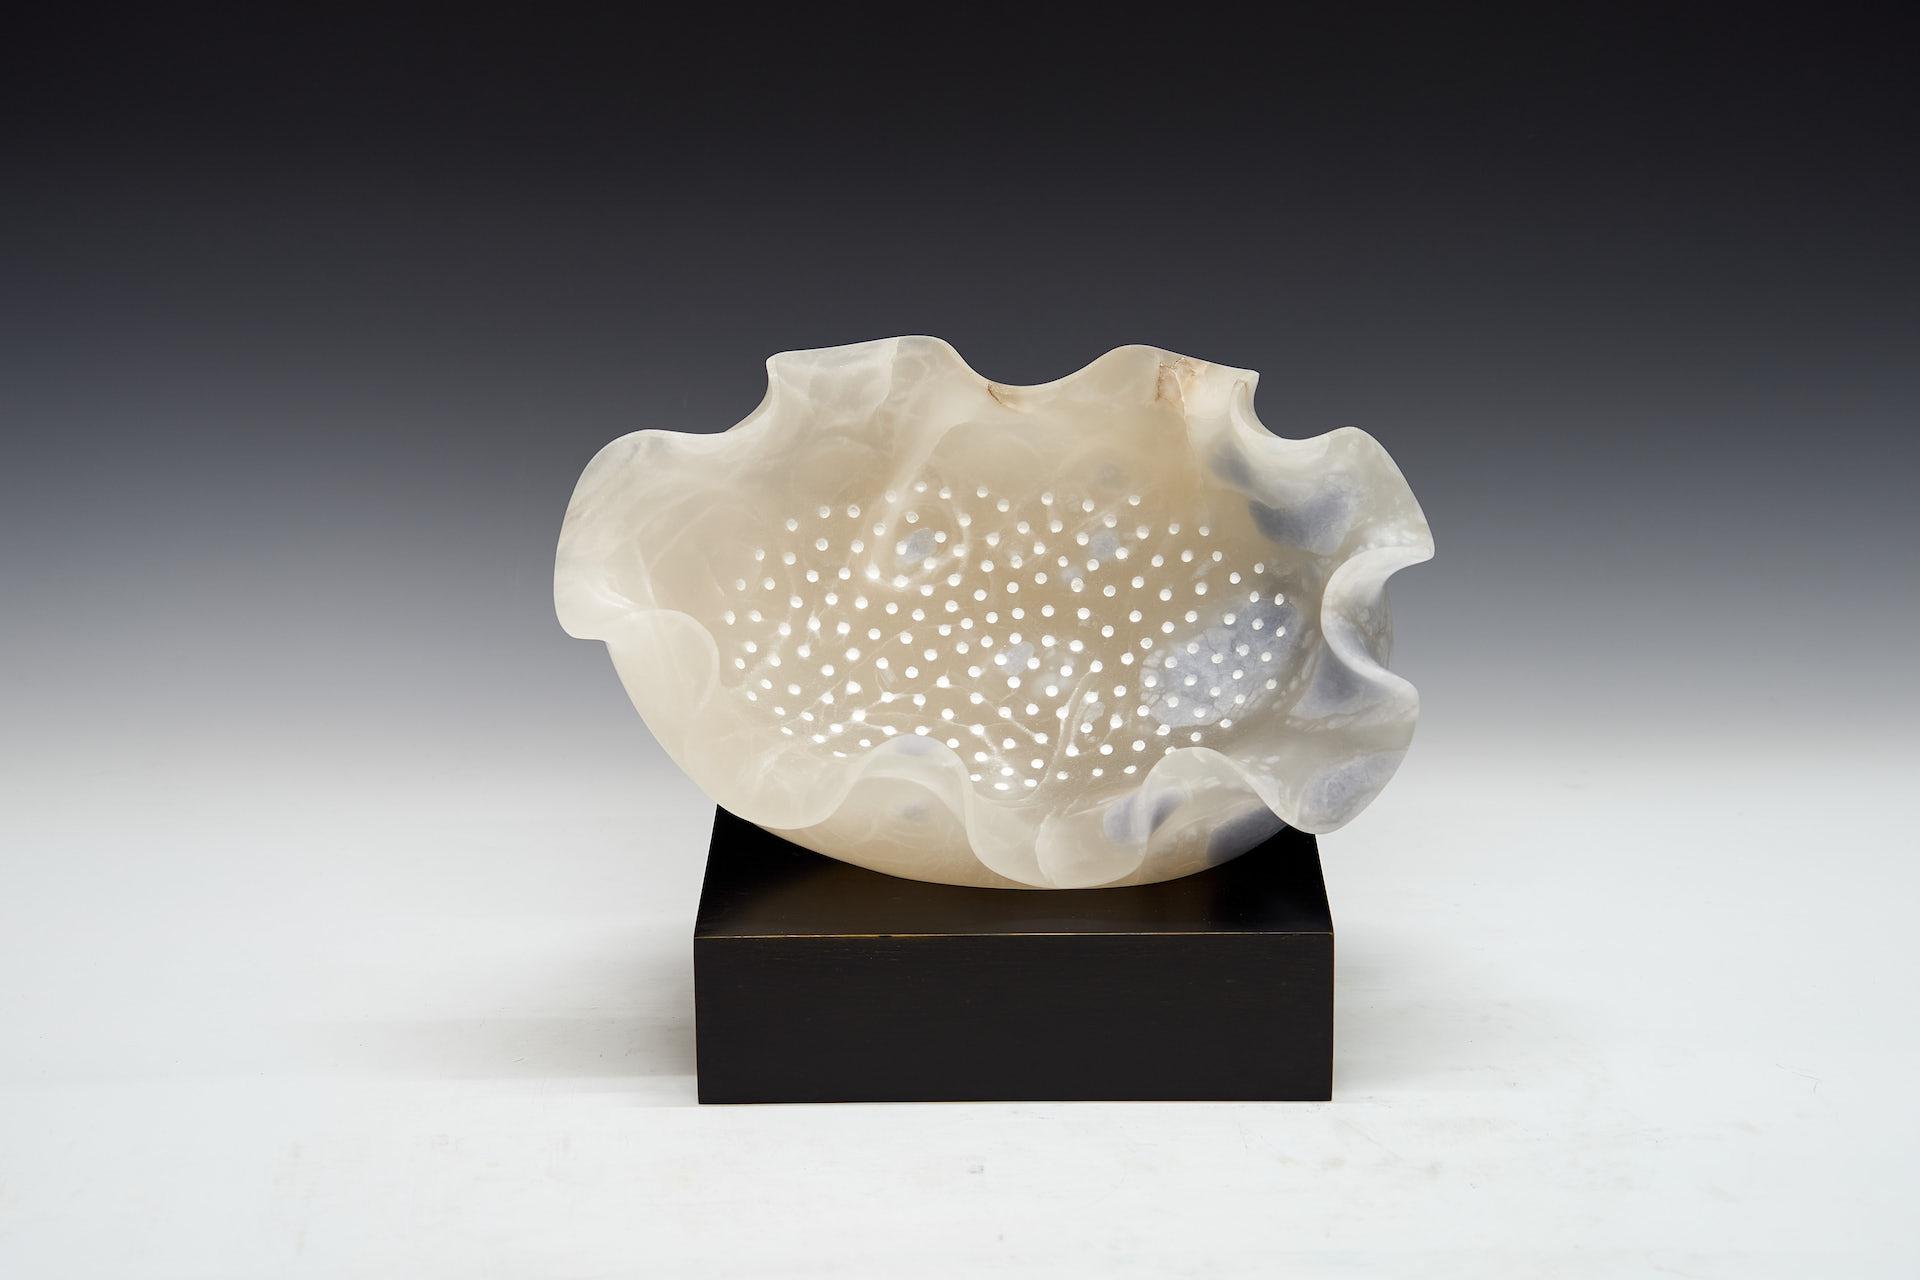 Coralie v image